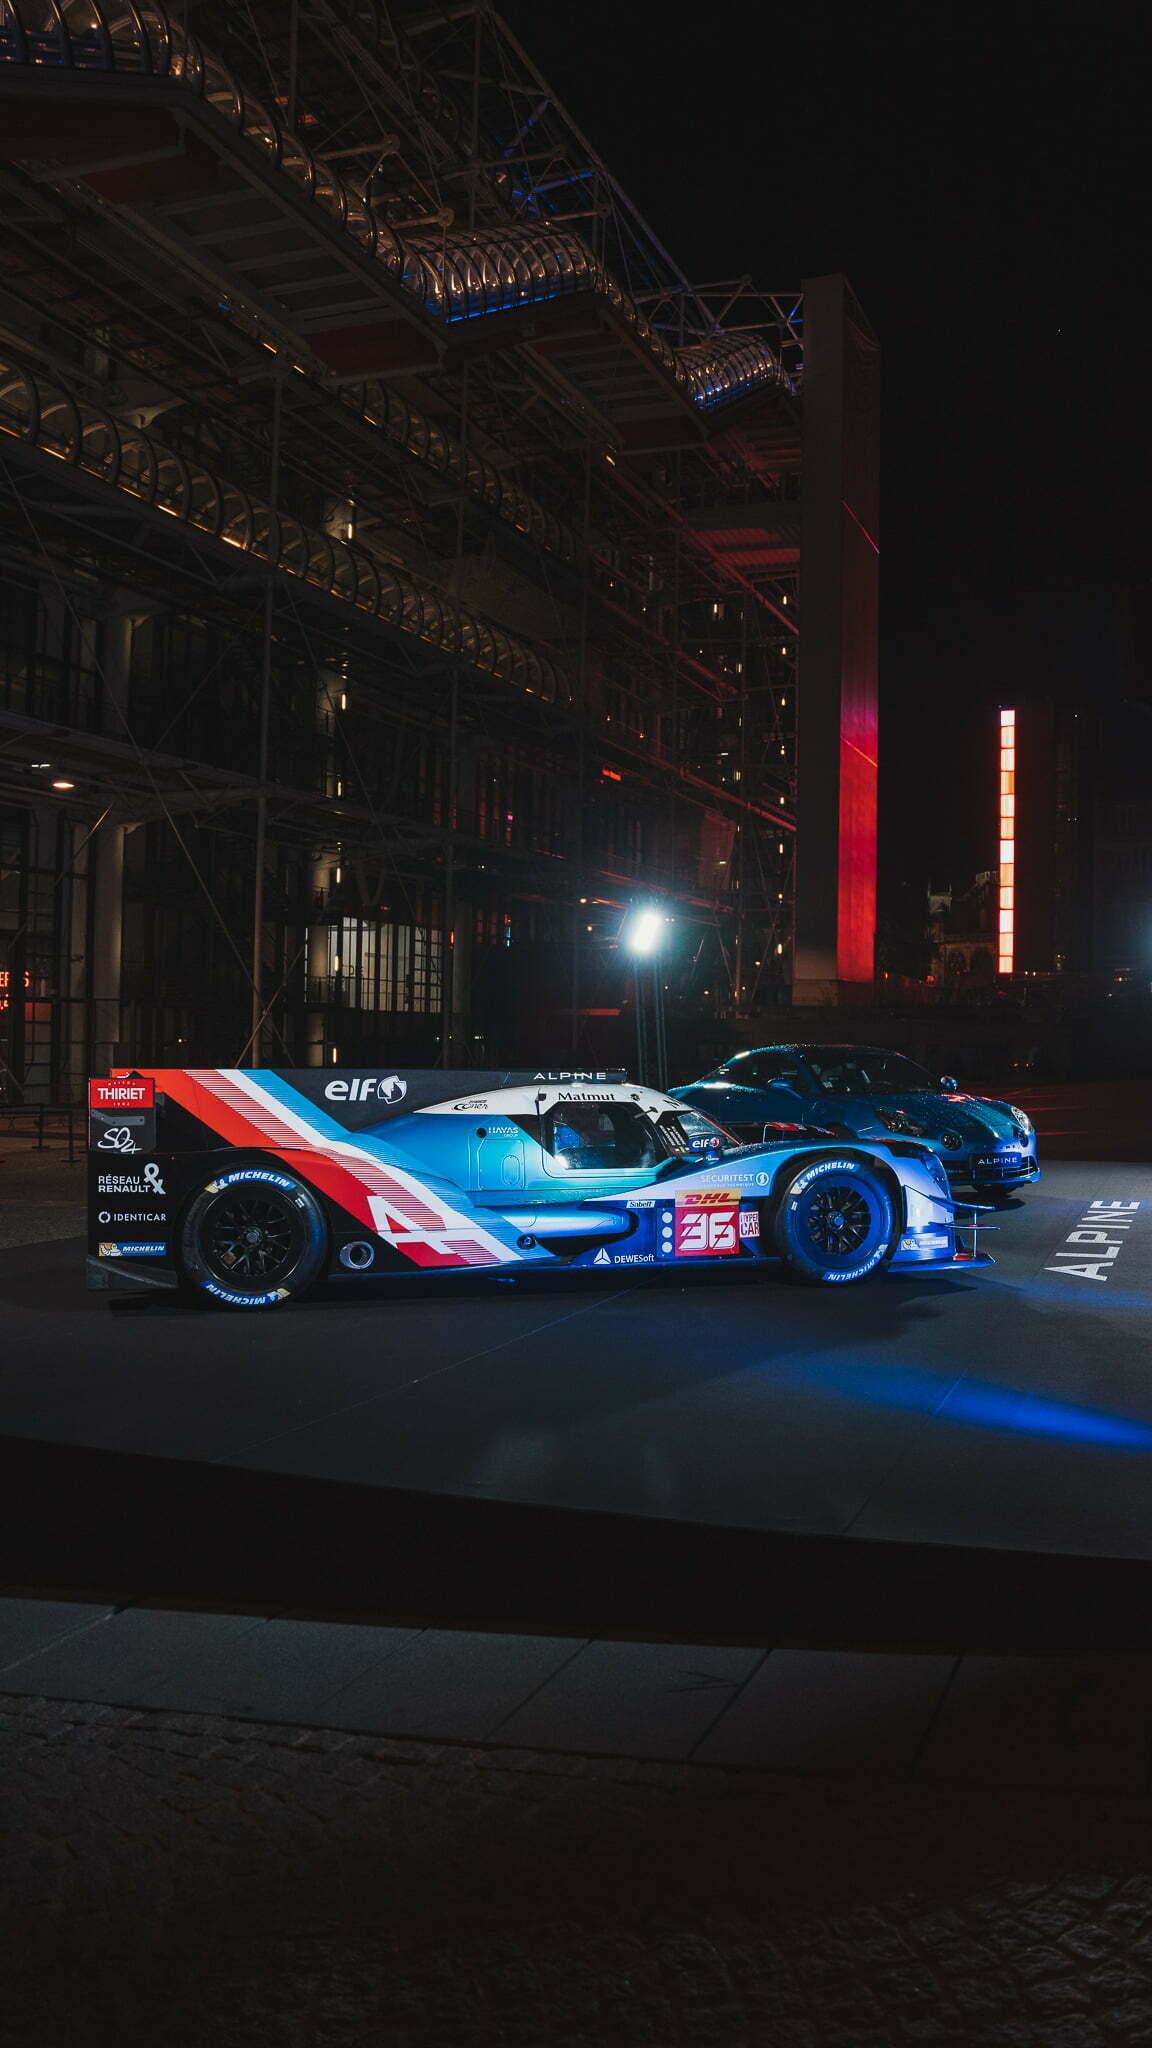 Alpine sengagera aux 24h du Mans 2024 en LMDH avec un chassis Oreca et un moteur Alpine 34 | Alpine s'engagera aux 24h du Mans 2024 en LMDh avec un châssis Oreca et un moteur Alpine 🇫🇷